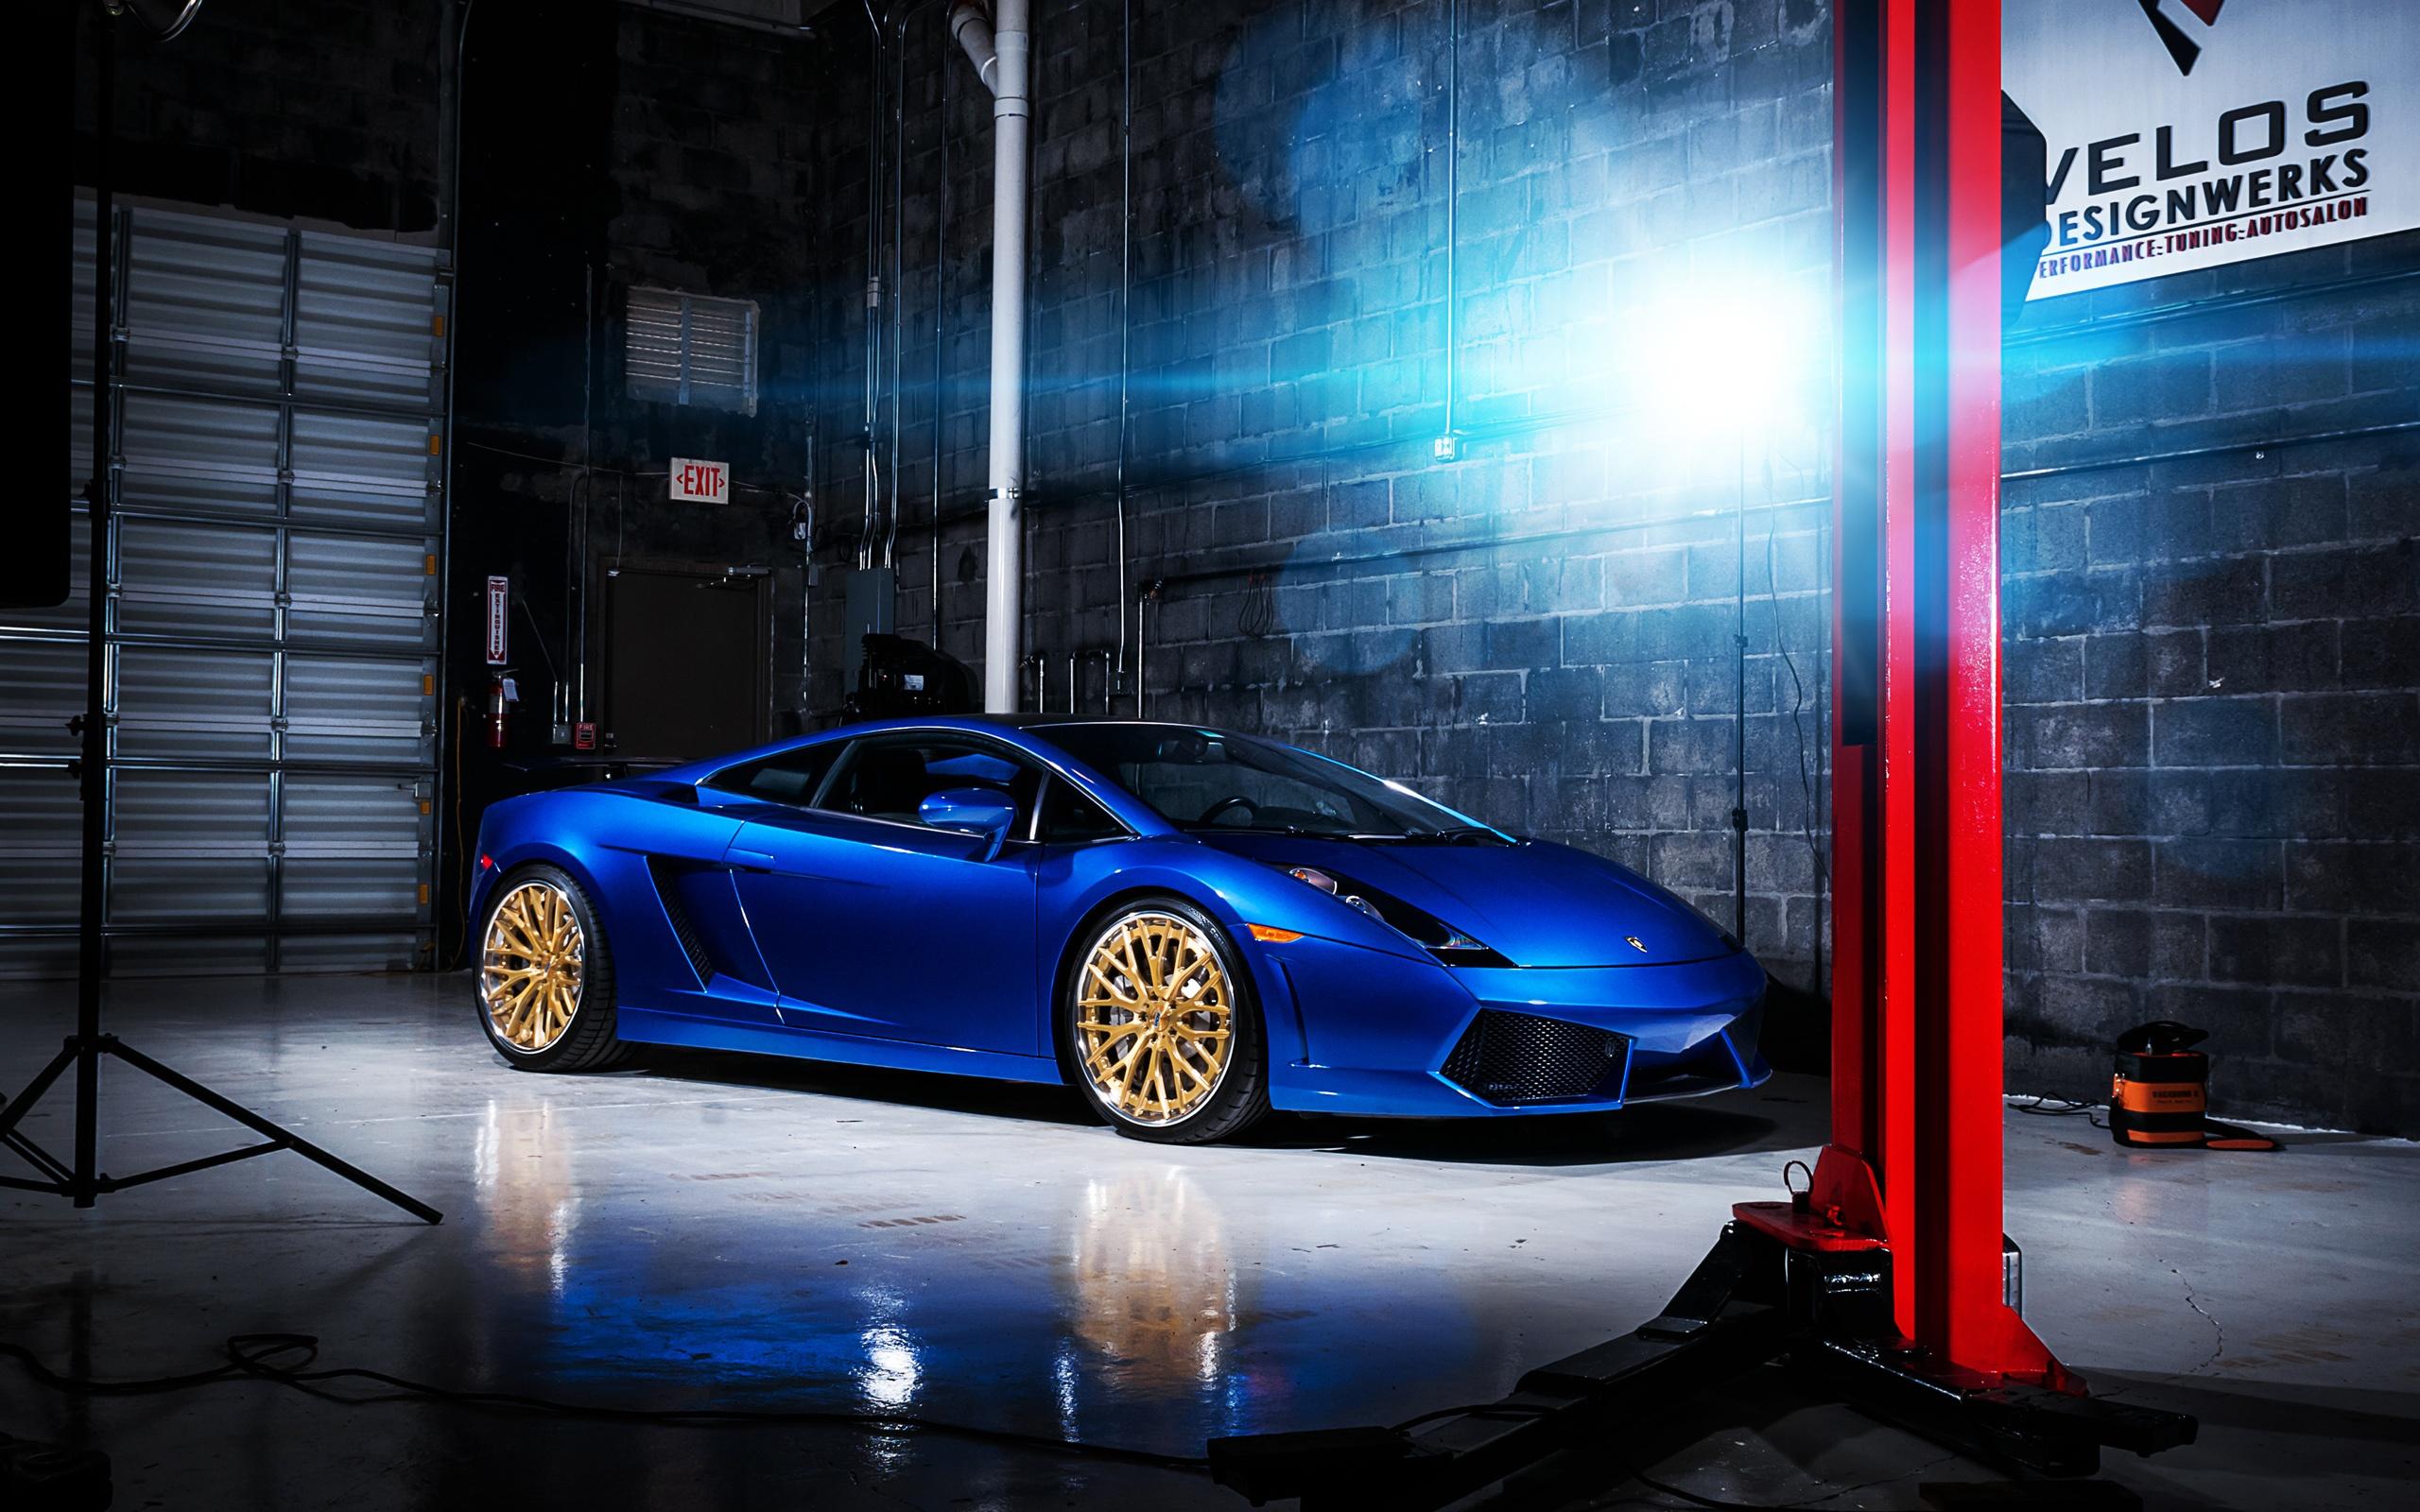 Blue Color Lamborghini Gallardo Supercar Indoor 750x1334 Iphone 8 7